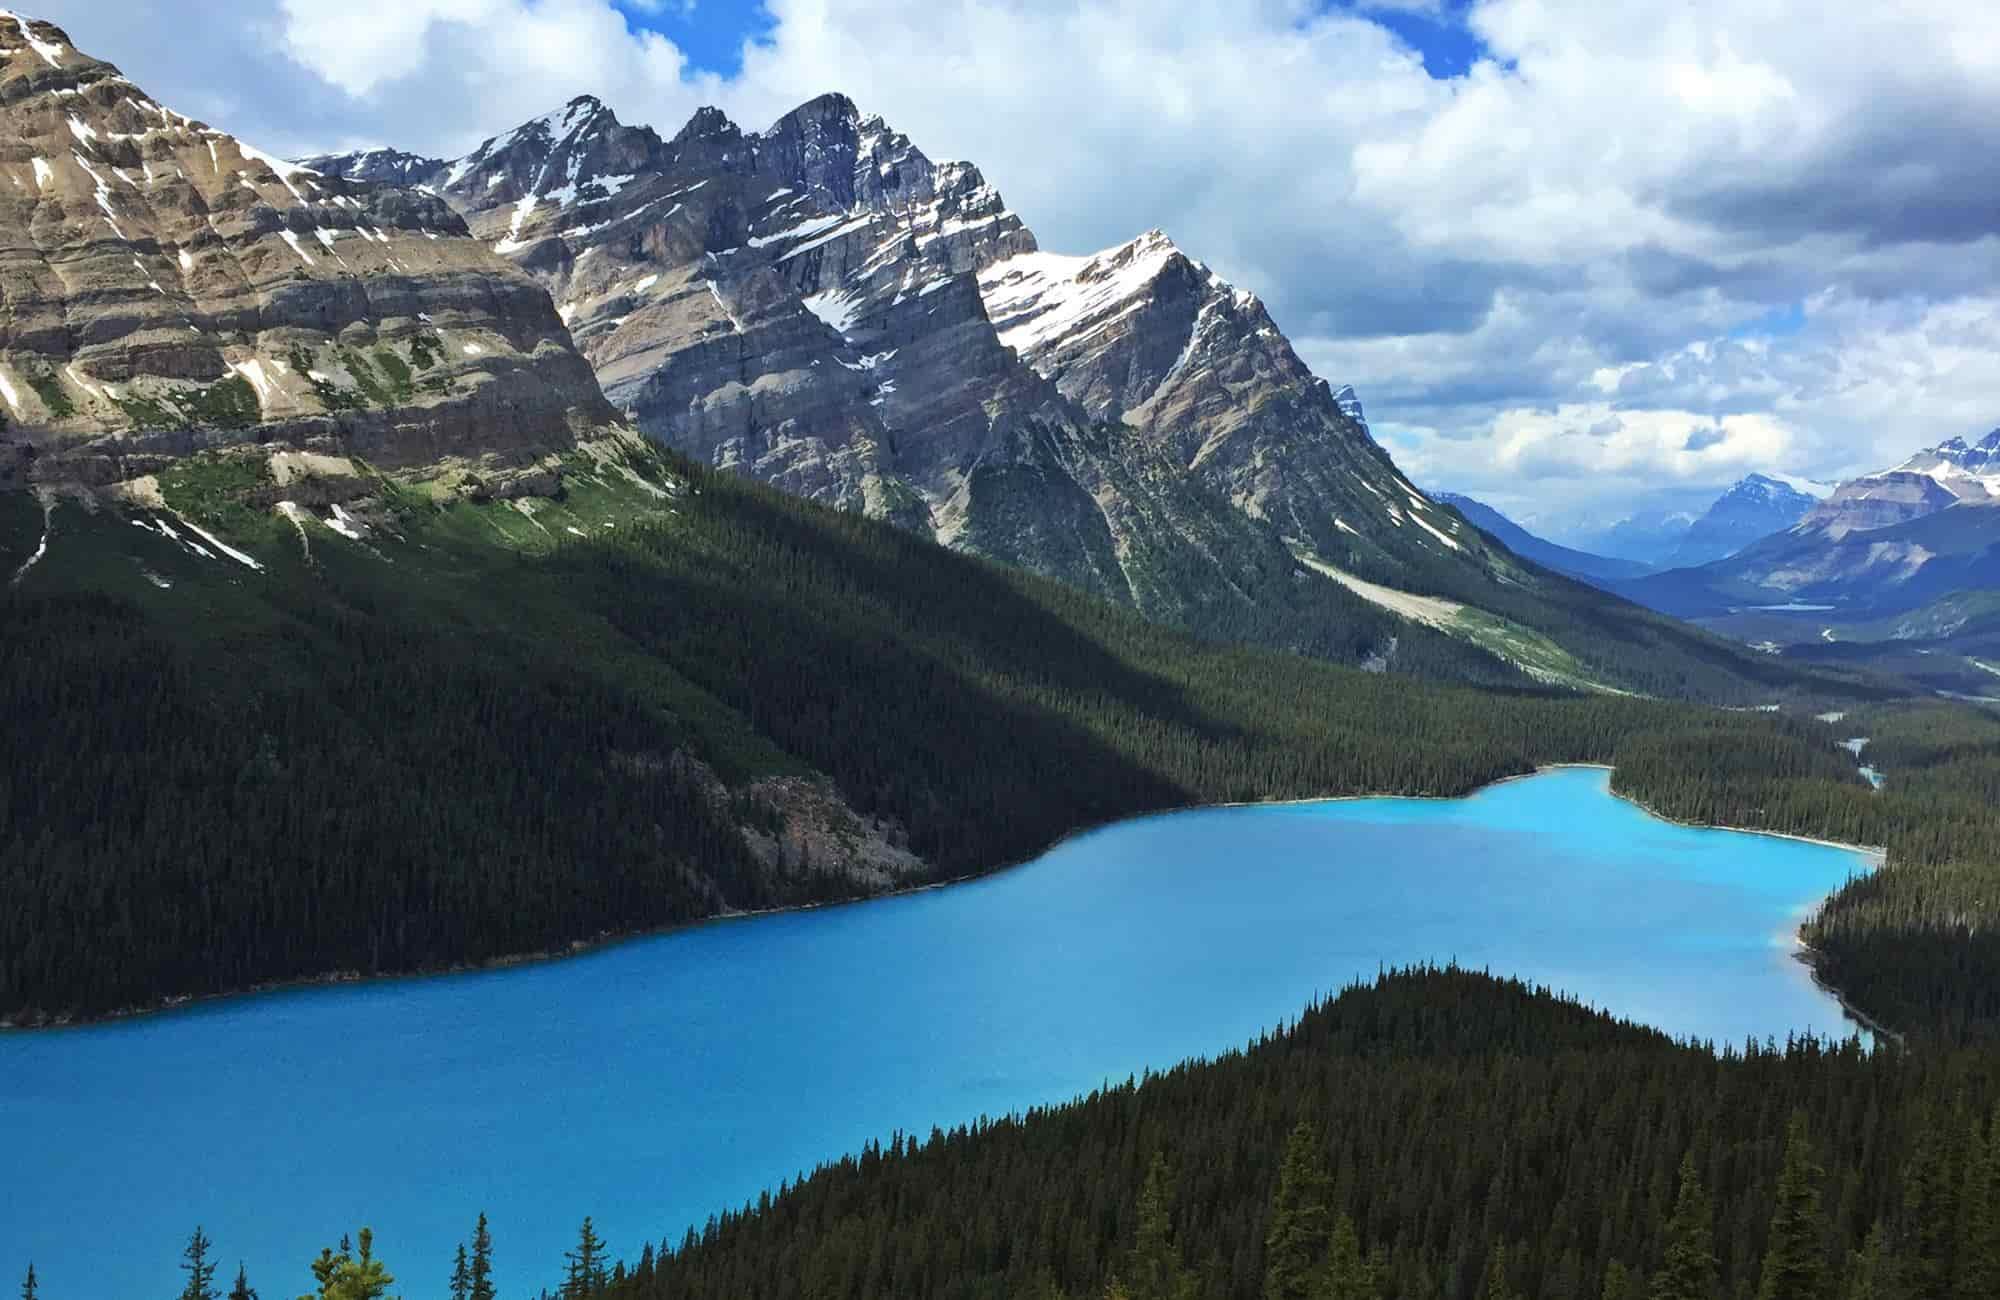 Voyage au Canada - Lac Peyto - Amplitudes